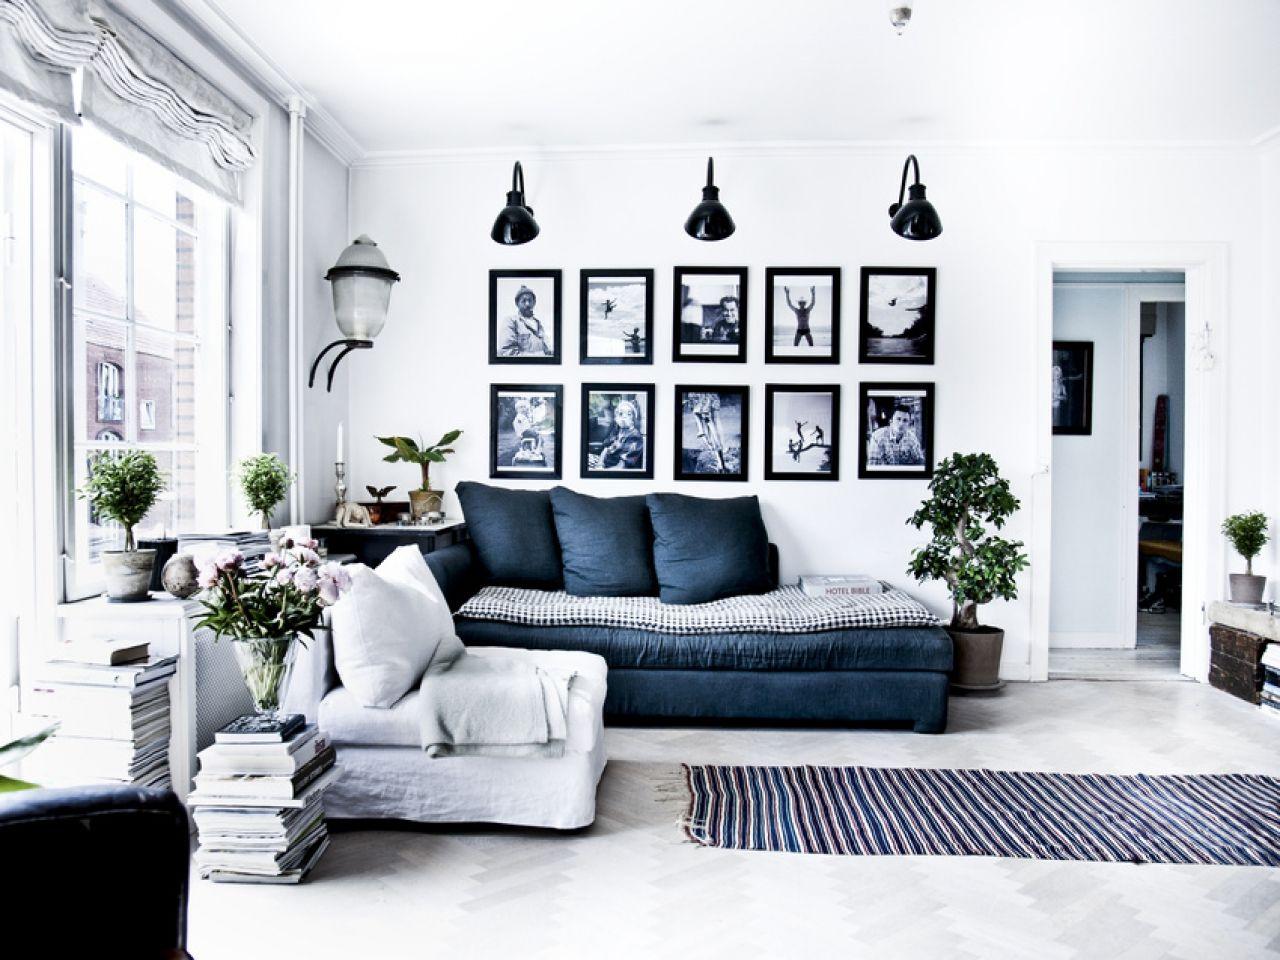 luxus wohnzimmer ideen fr eine skandinavische innenausstattung - Skandinavische Design Sthle